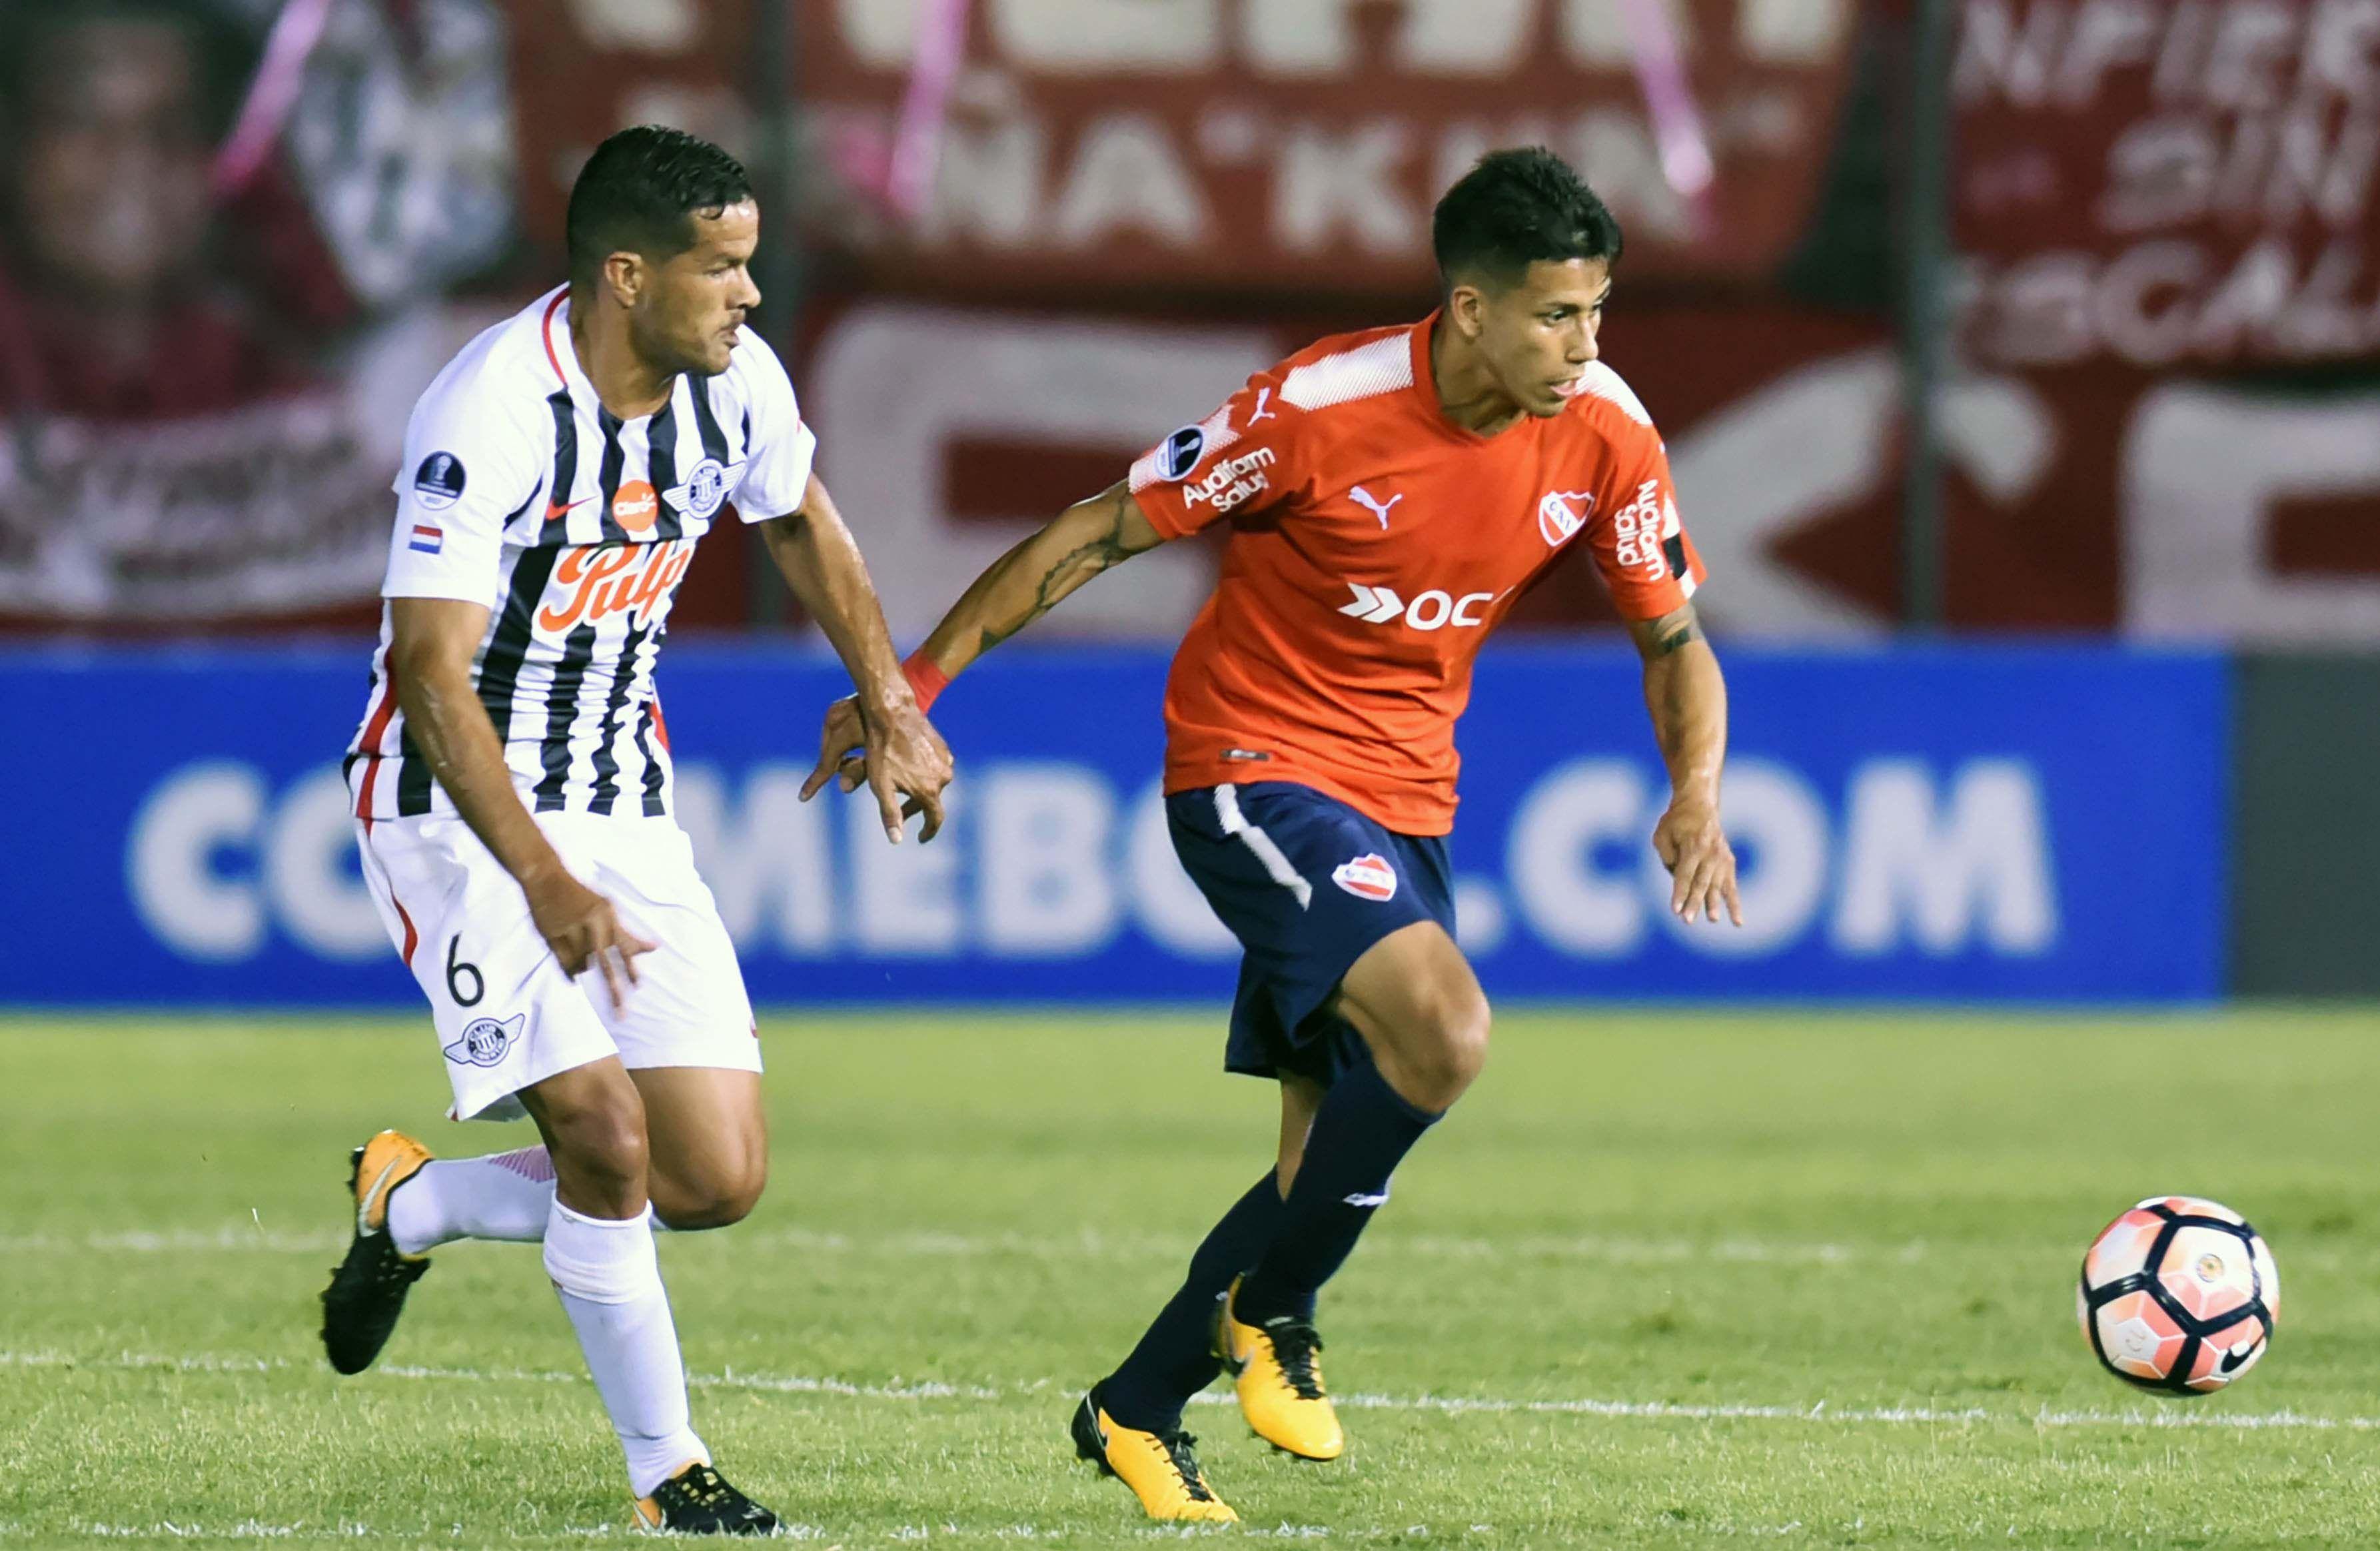 Libertad vence en la ida de la semifinal de la Sudamericana a Independiente por la mínima